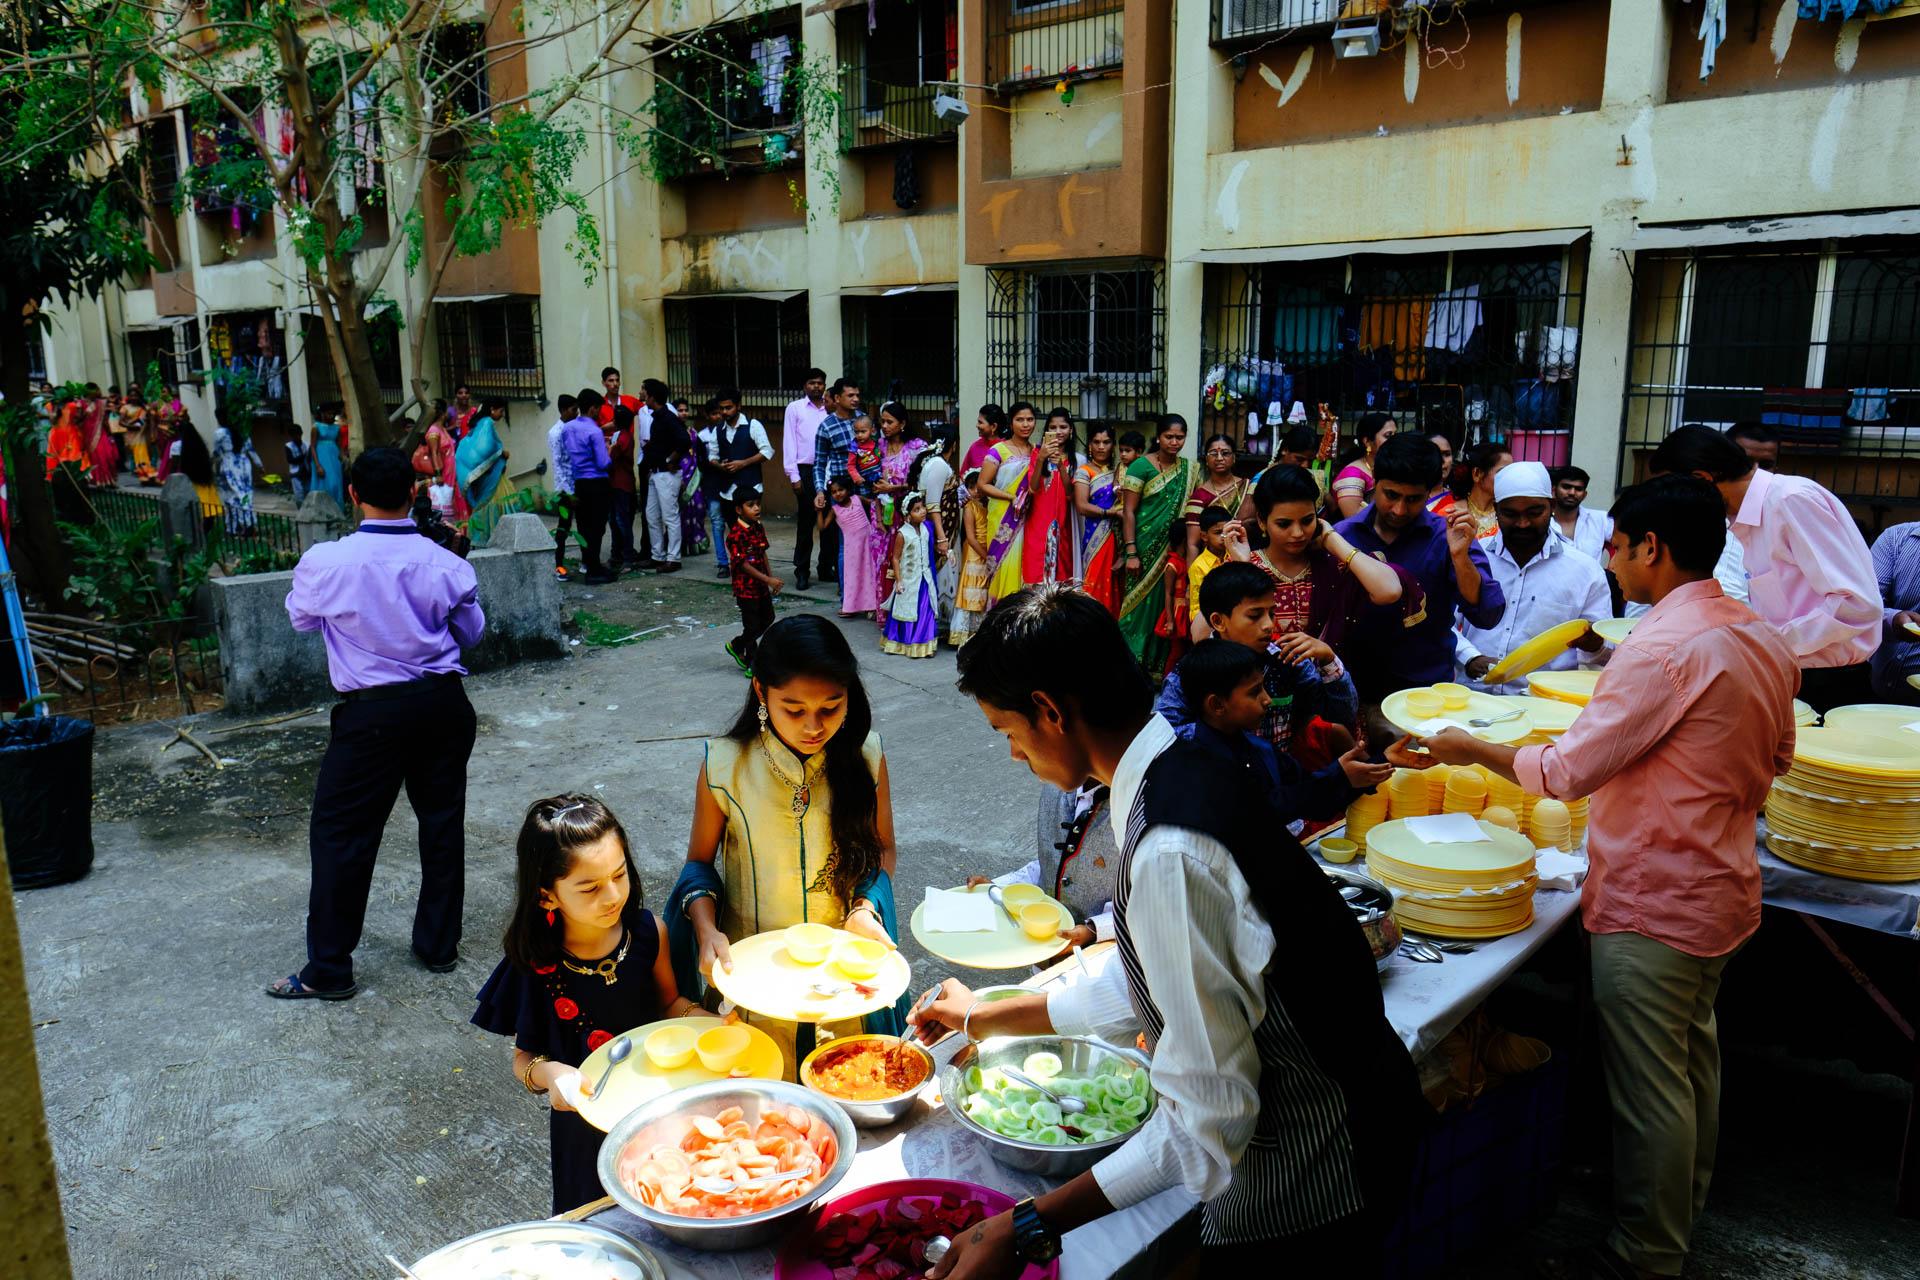 wedding_in_mumbai-65.jpg